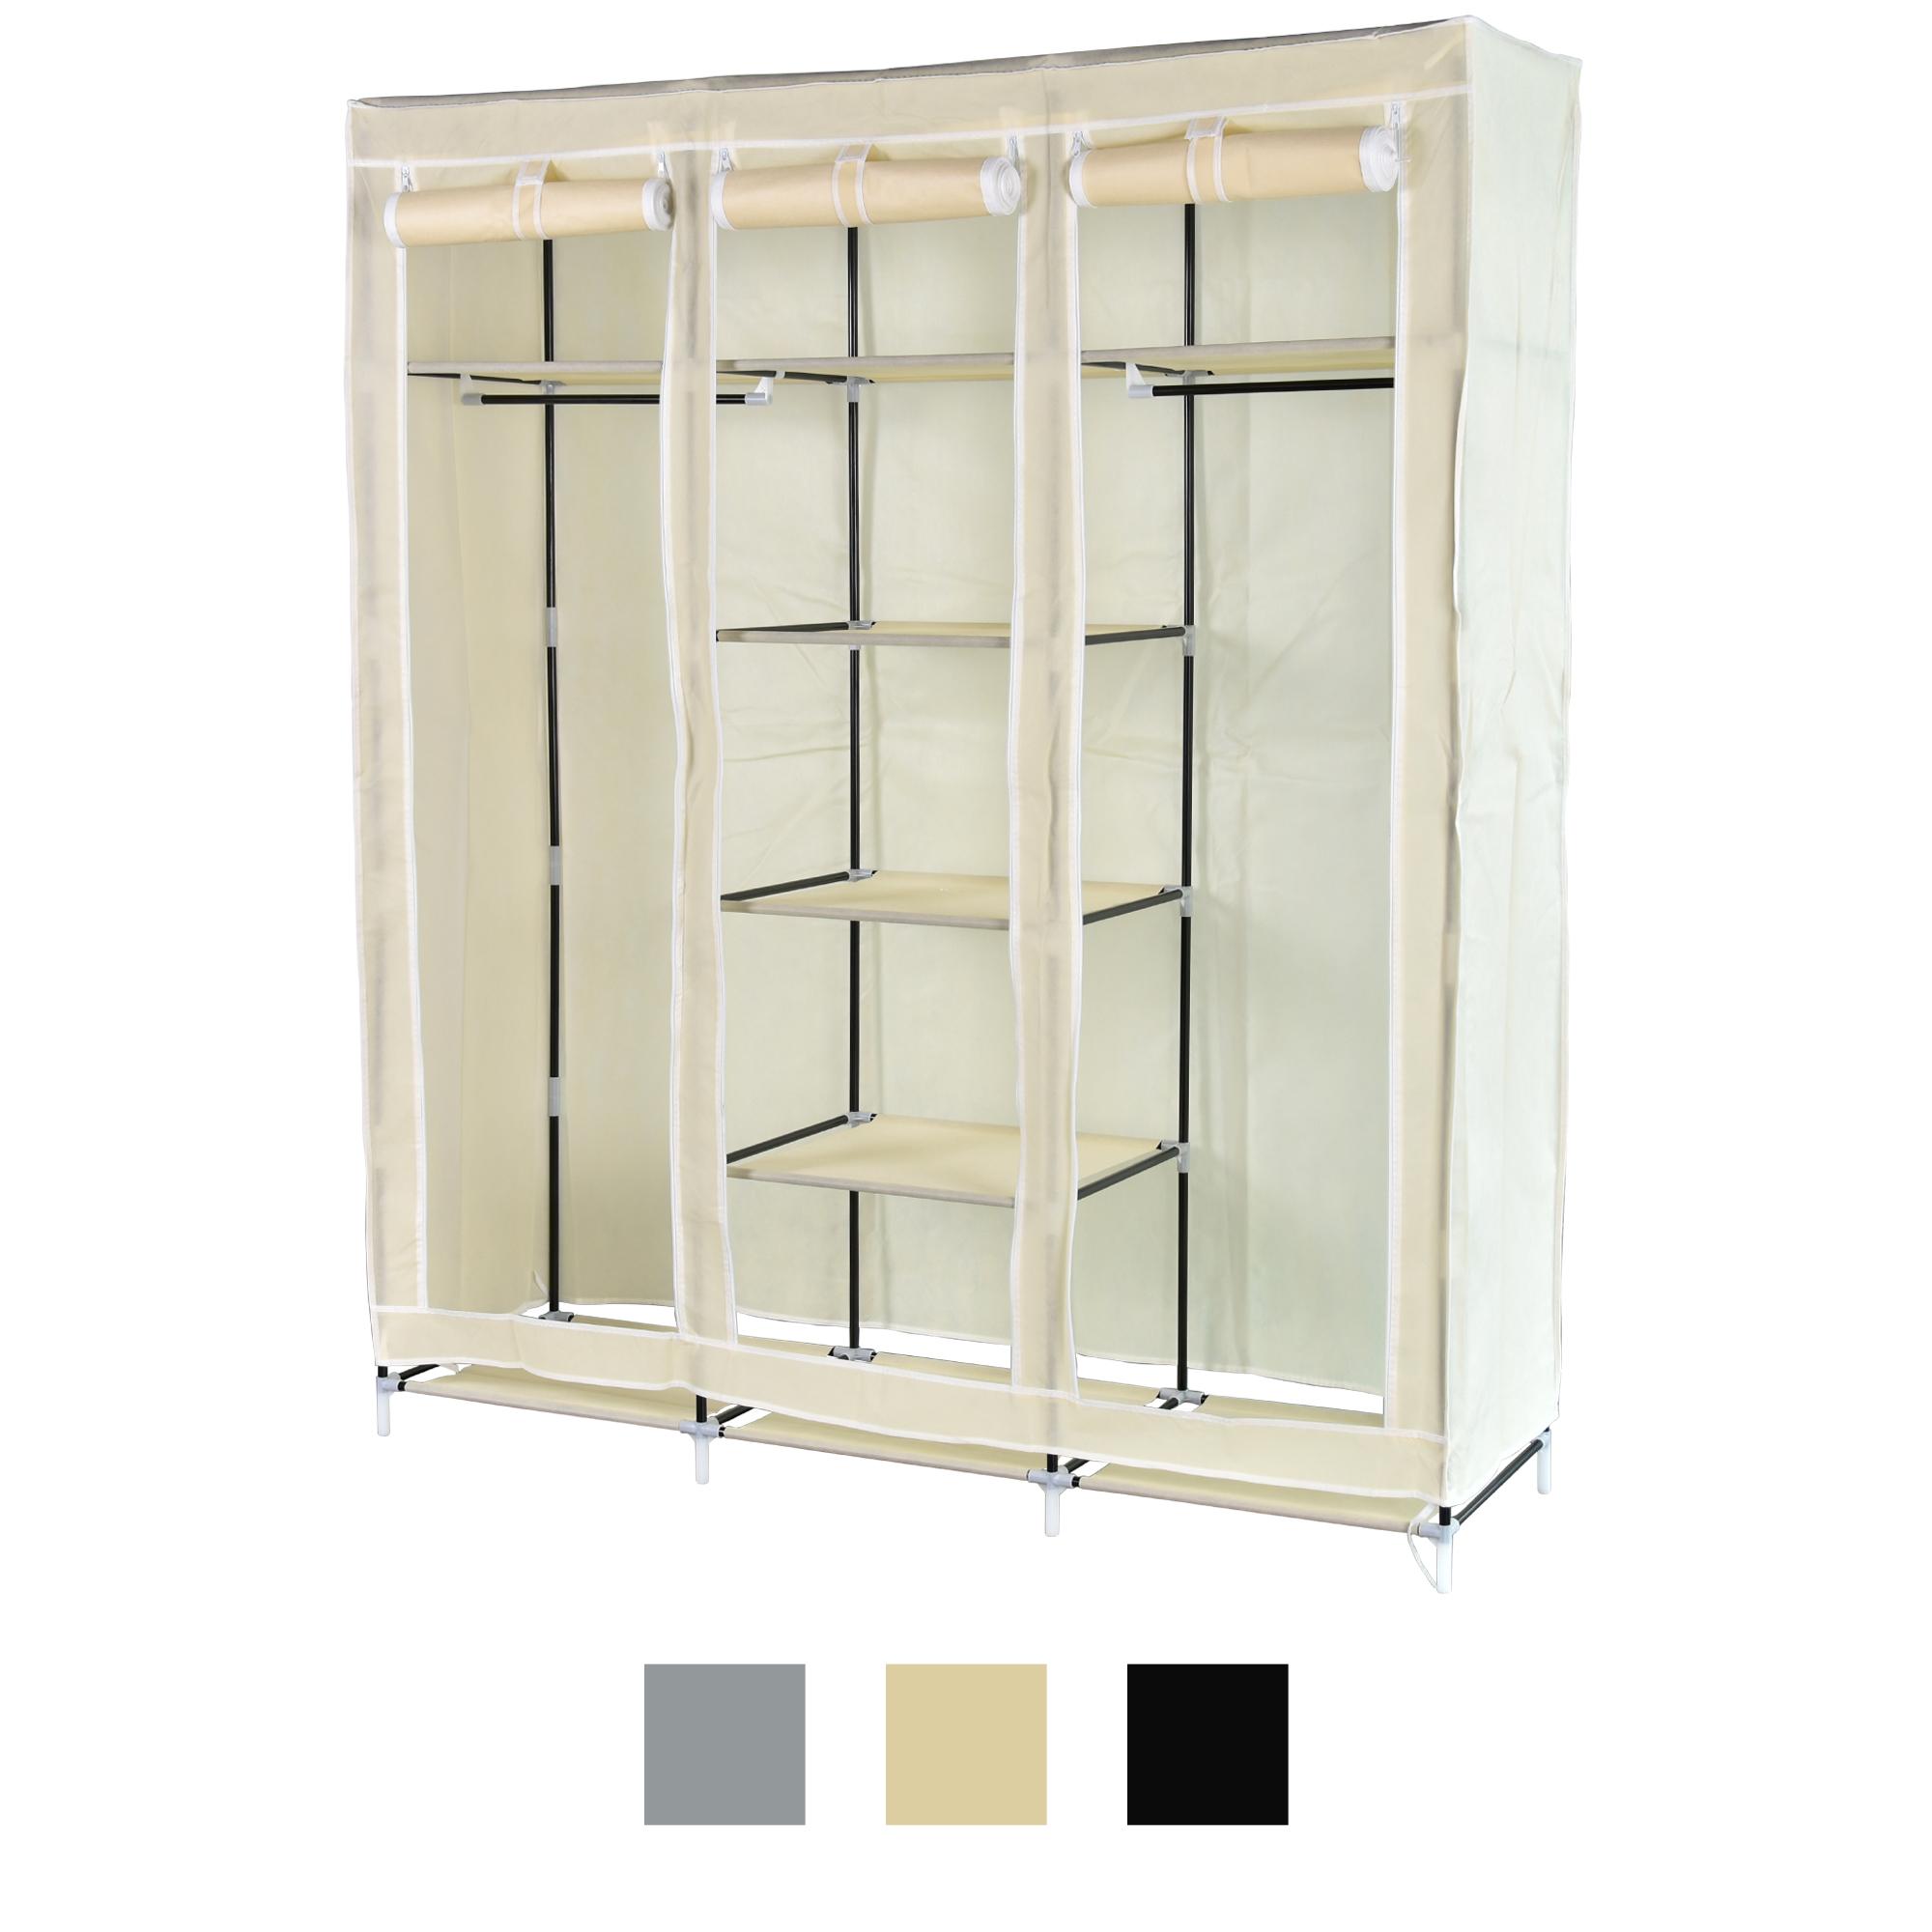 xxl stoffschrank kleiderschrank faltschrank regal faltbar schrank 150x45x175 cm ebay. Black Bedroom Furniture Sets. Home Design Ideas